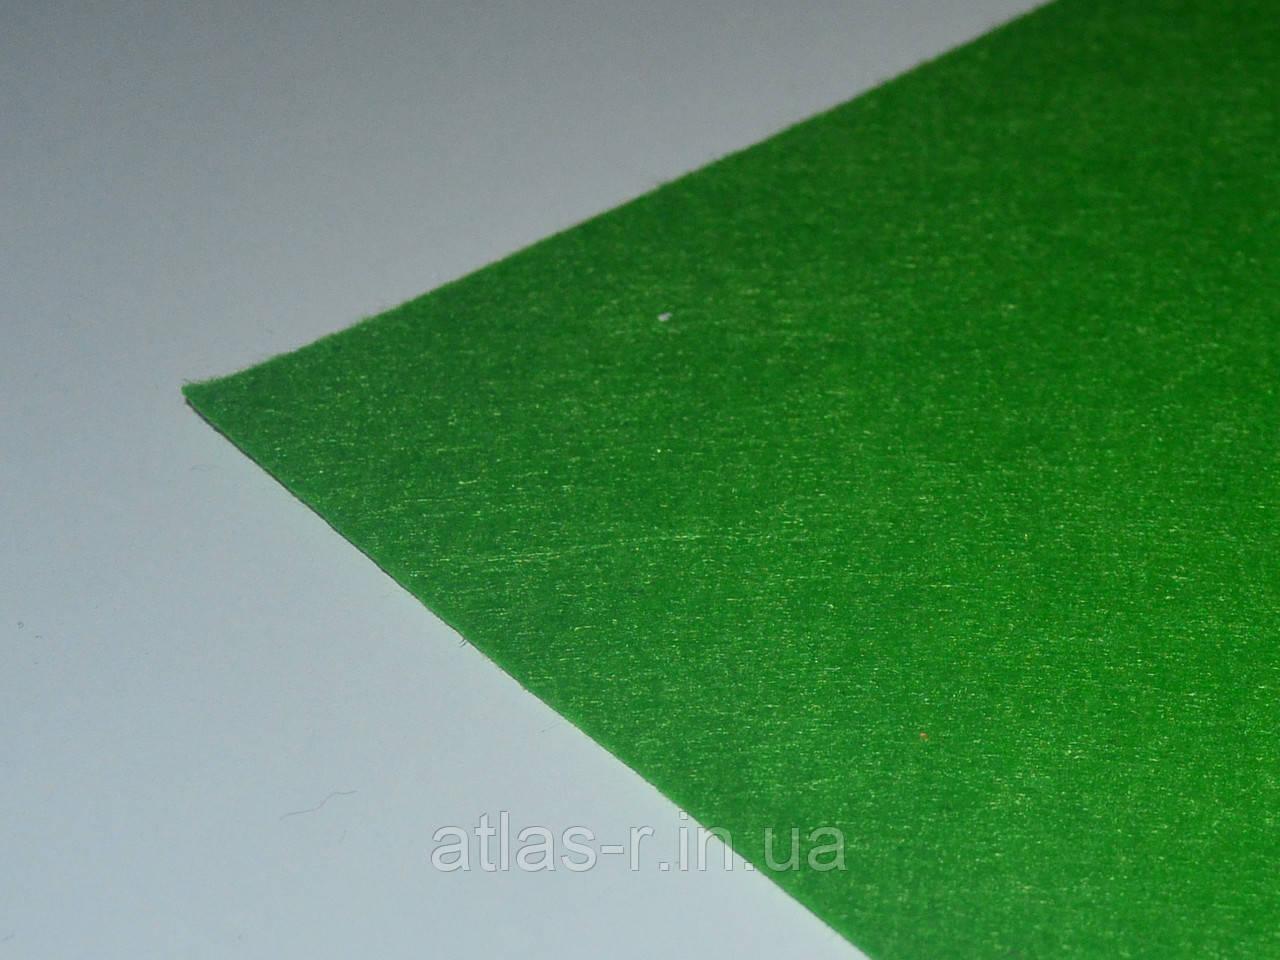 Жесткий фетр для рукоделия зеленый, травяной листовой 1,3 мм